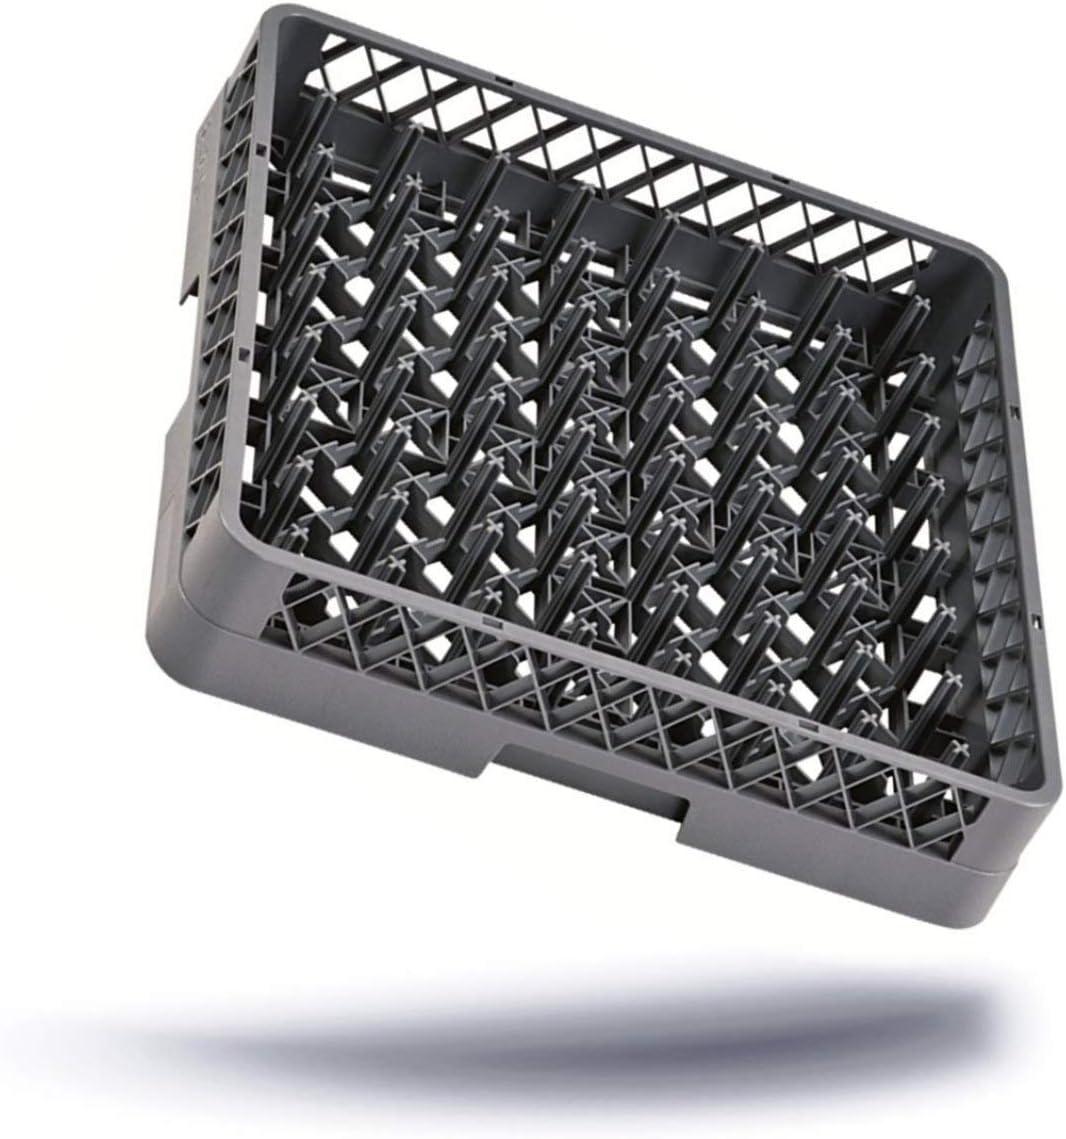 Kerafactum Cesta para lavavajillas para 64 dedos, platos, vasos, tazas, bandejas para el lavavajillas, cesta universal de plástico de malla gruesa, extensible de 50 x 50 cm, todo tipo de rack